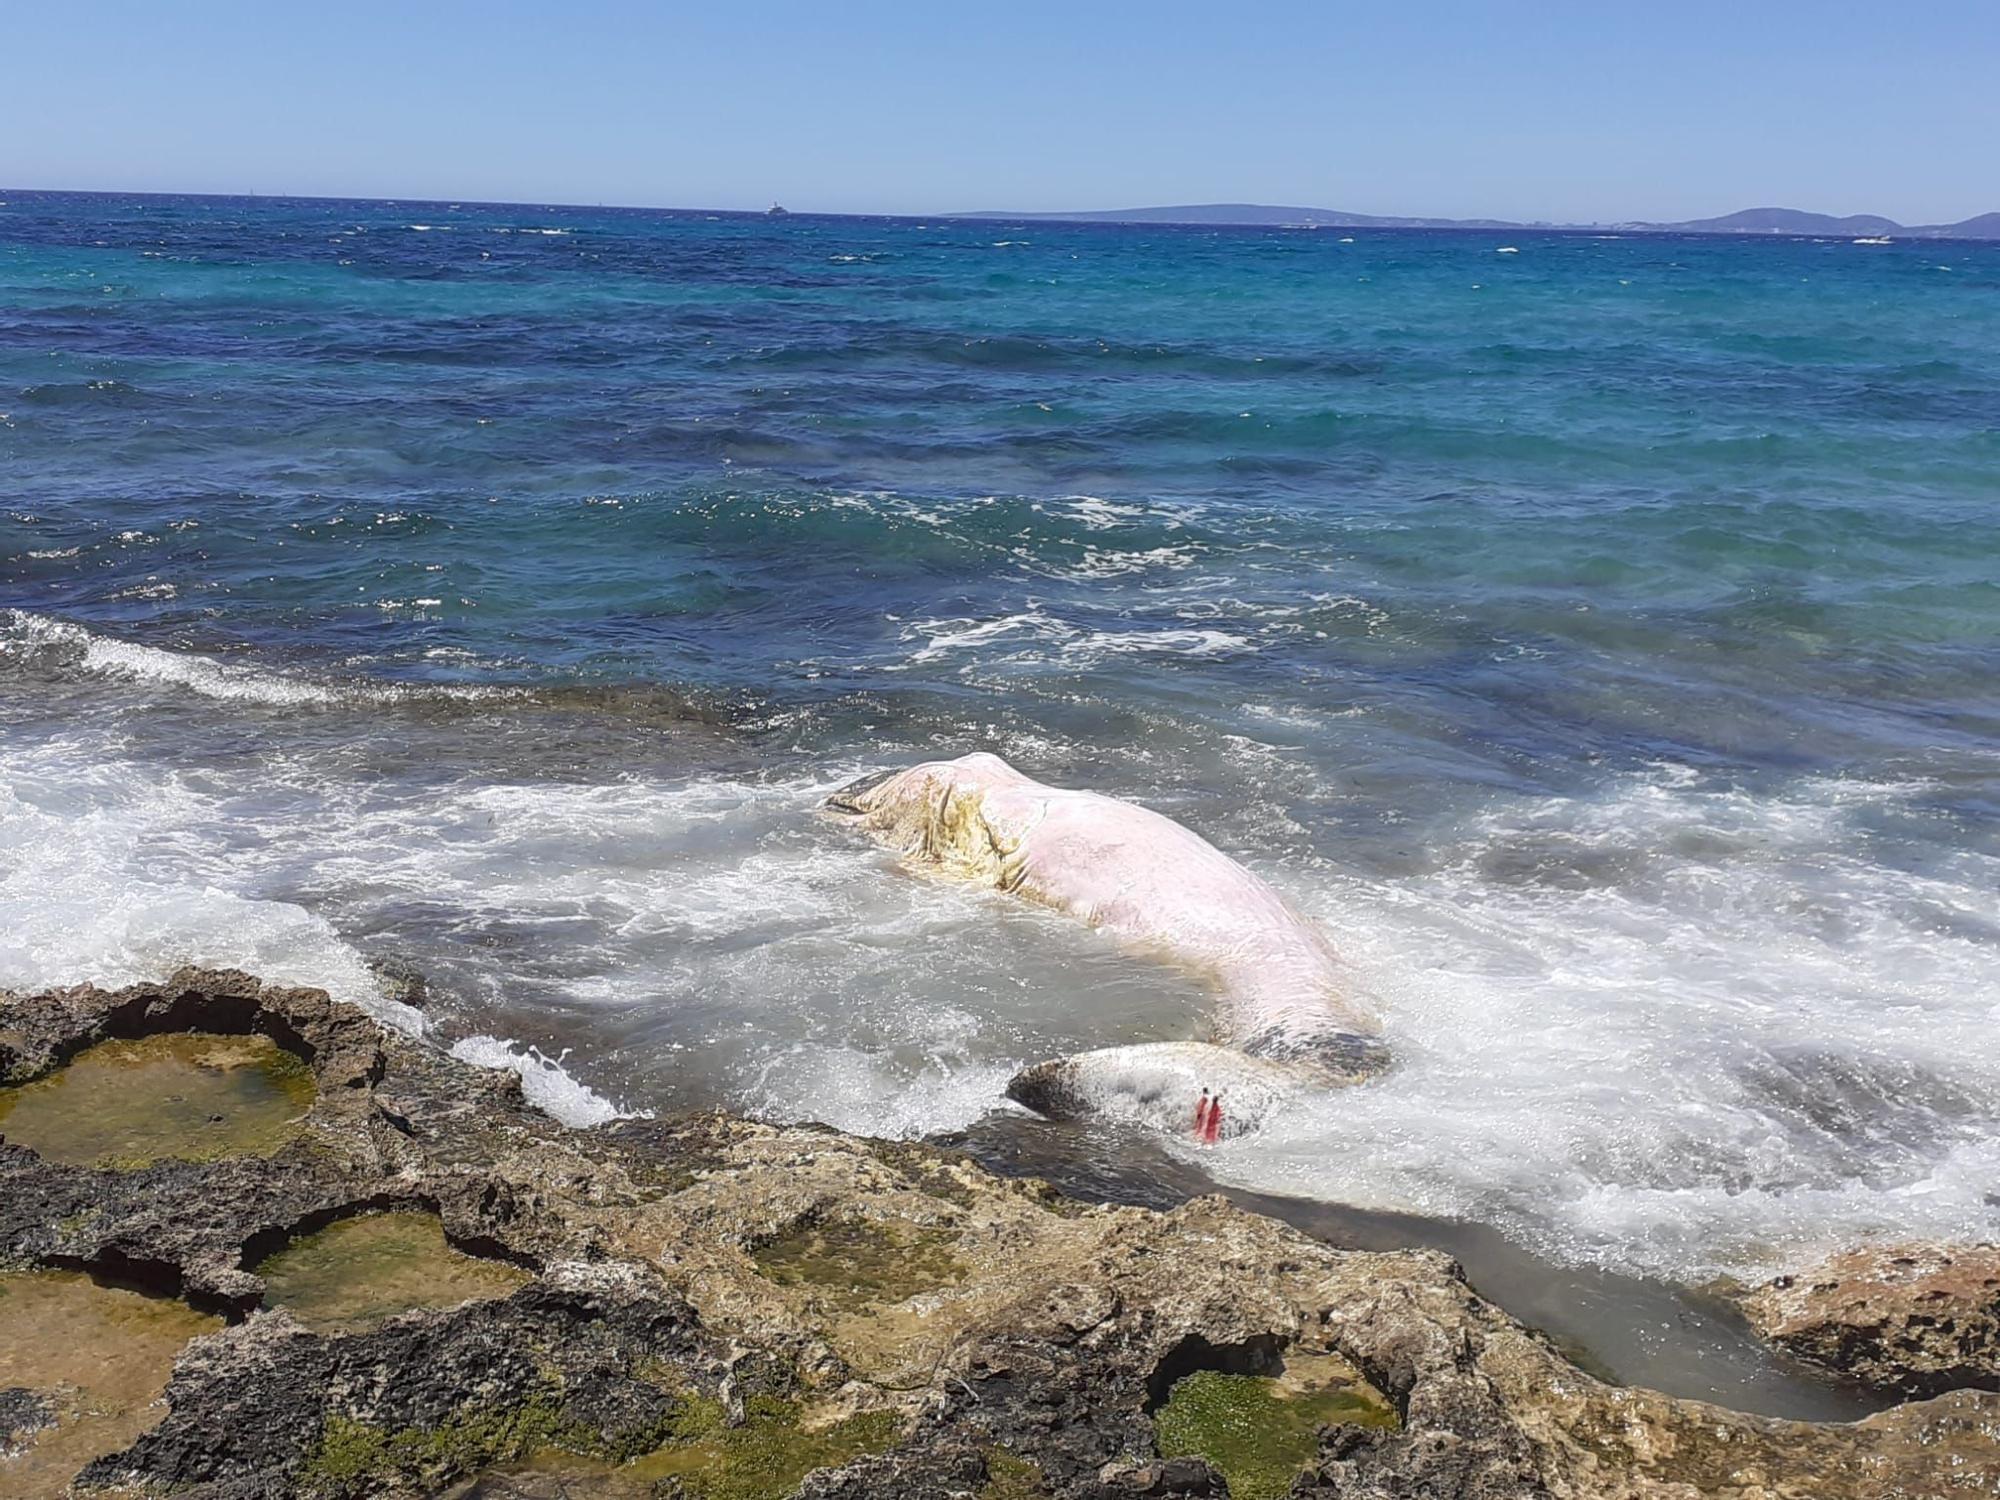 Aparece otro cachalote muerto, esta vez en la Bahía de Palma